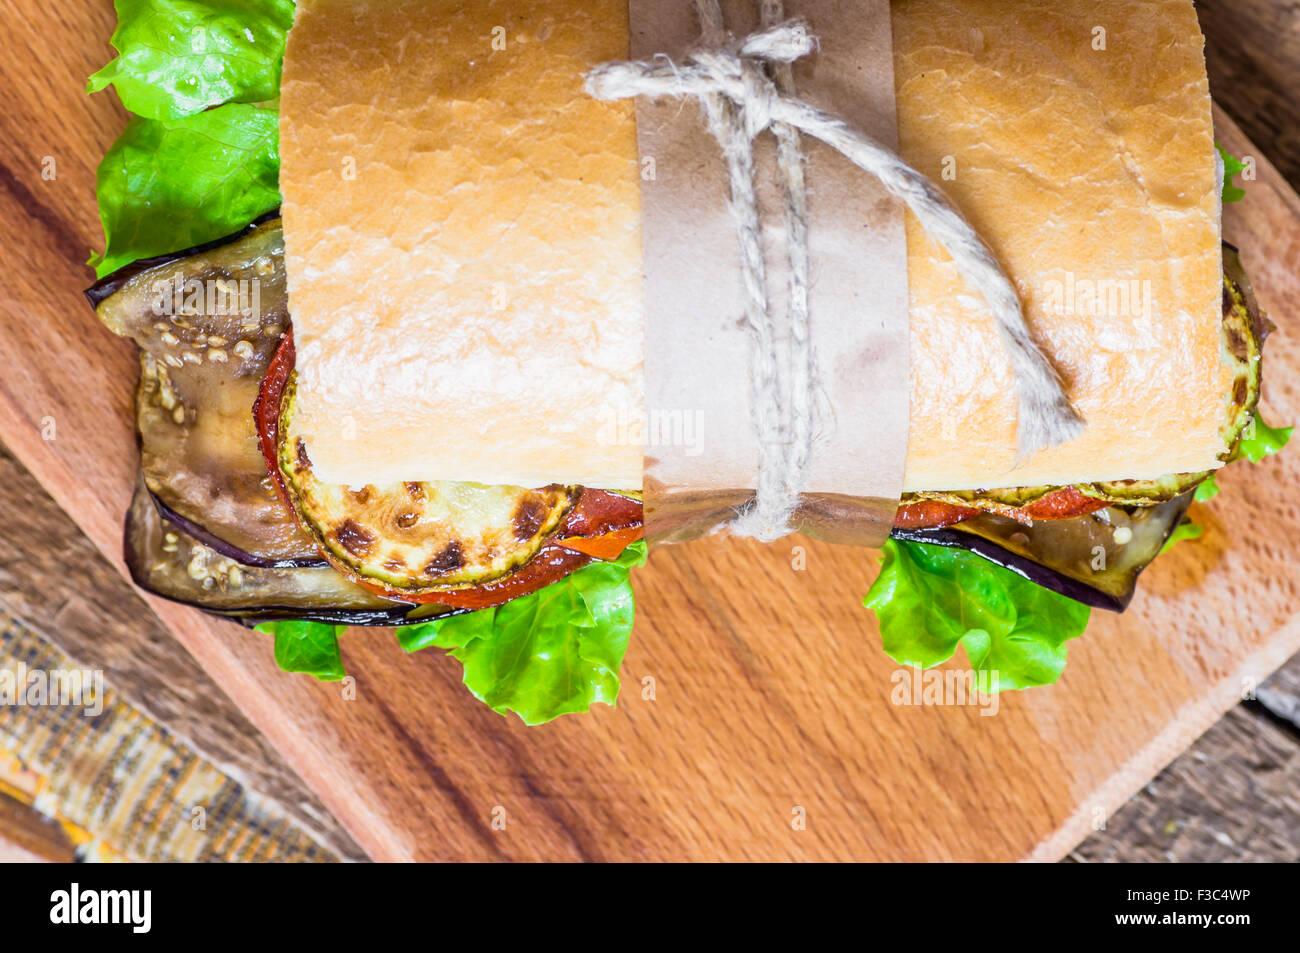 Vegetali sandwich vegetariano con lattuga, zucchini, la melanzana e il pomodoro Immagini Stock